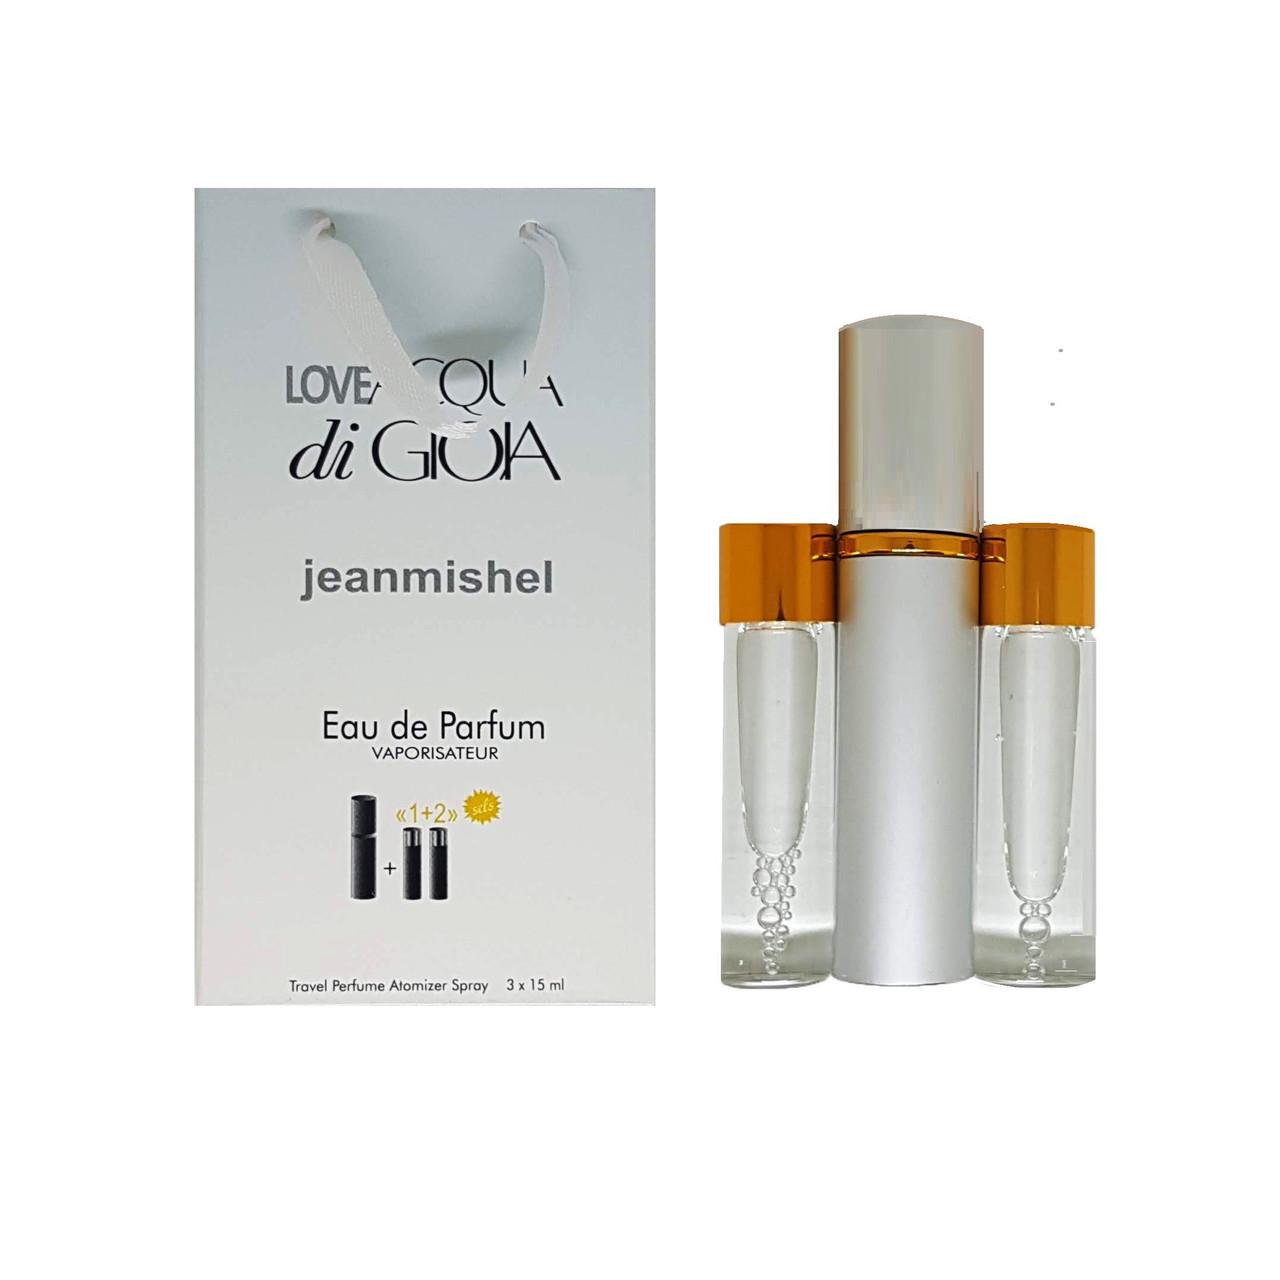 Jeanmishel Love Acqua di Gioia (81) 3 x 15 ml